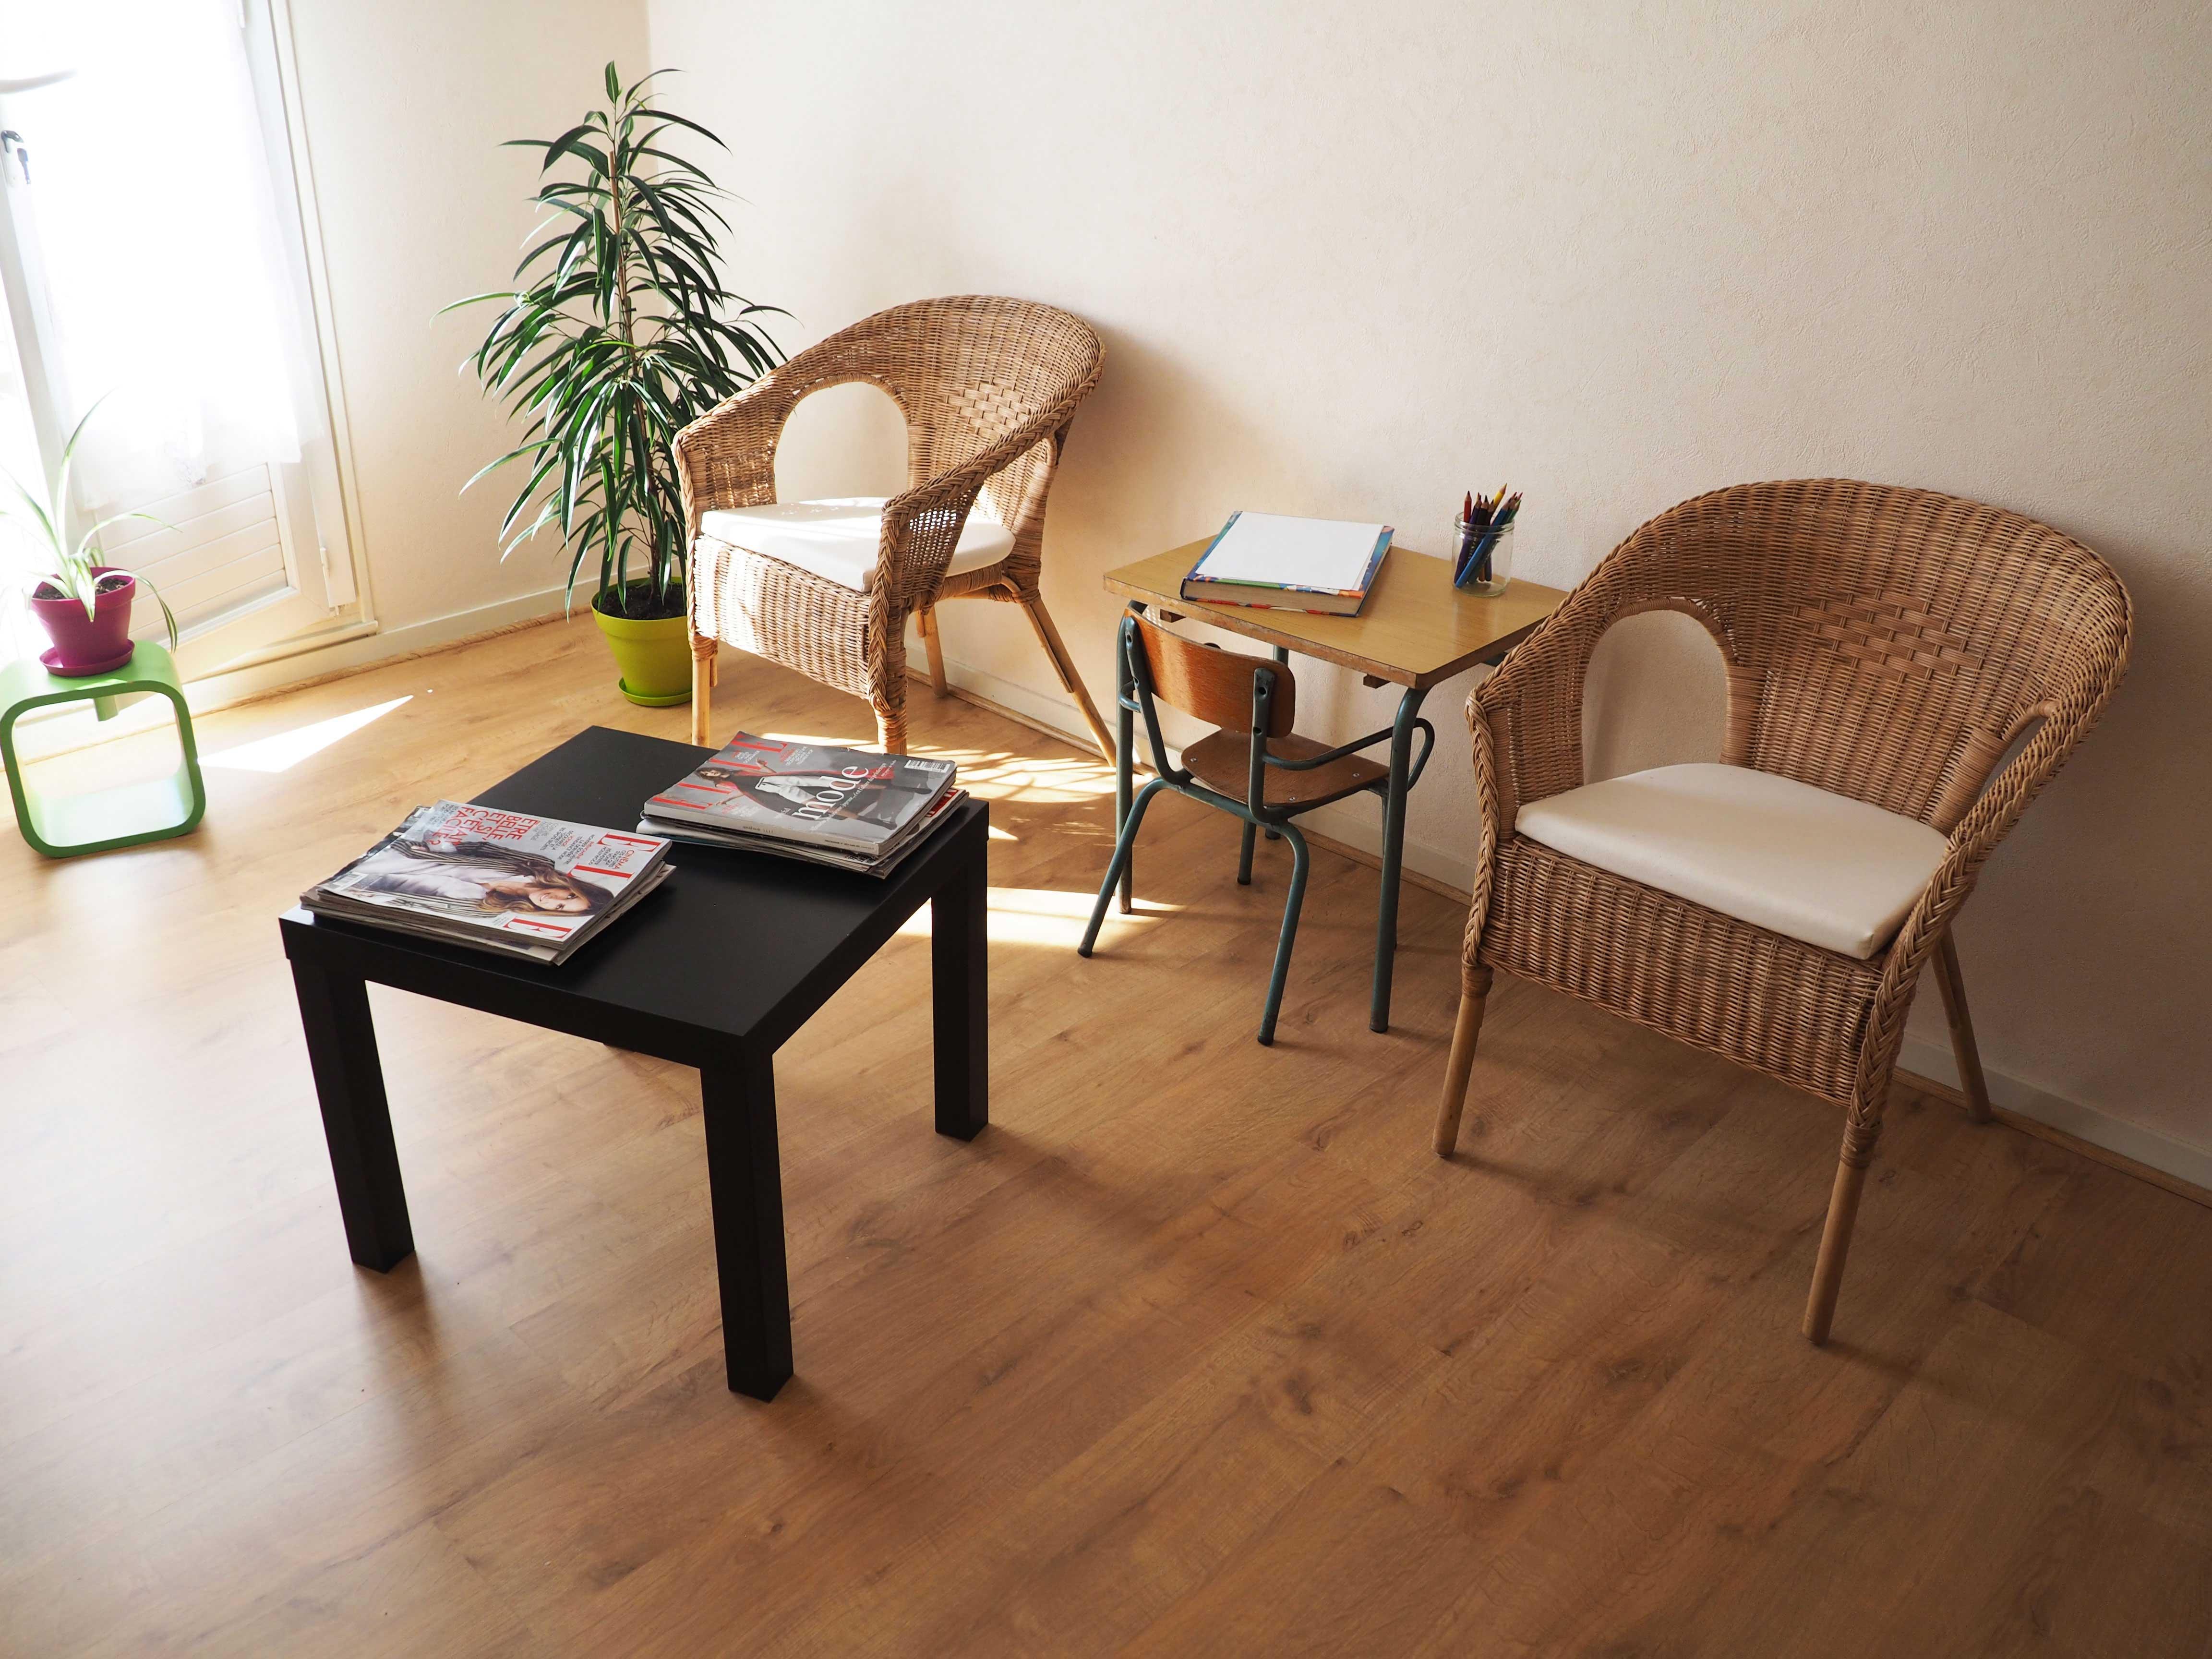 Salle d'attente, Table enfants (Alicia Bonnin, Psychologue et Neuropsychologue, Tours - La Riche)